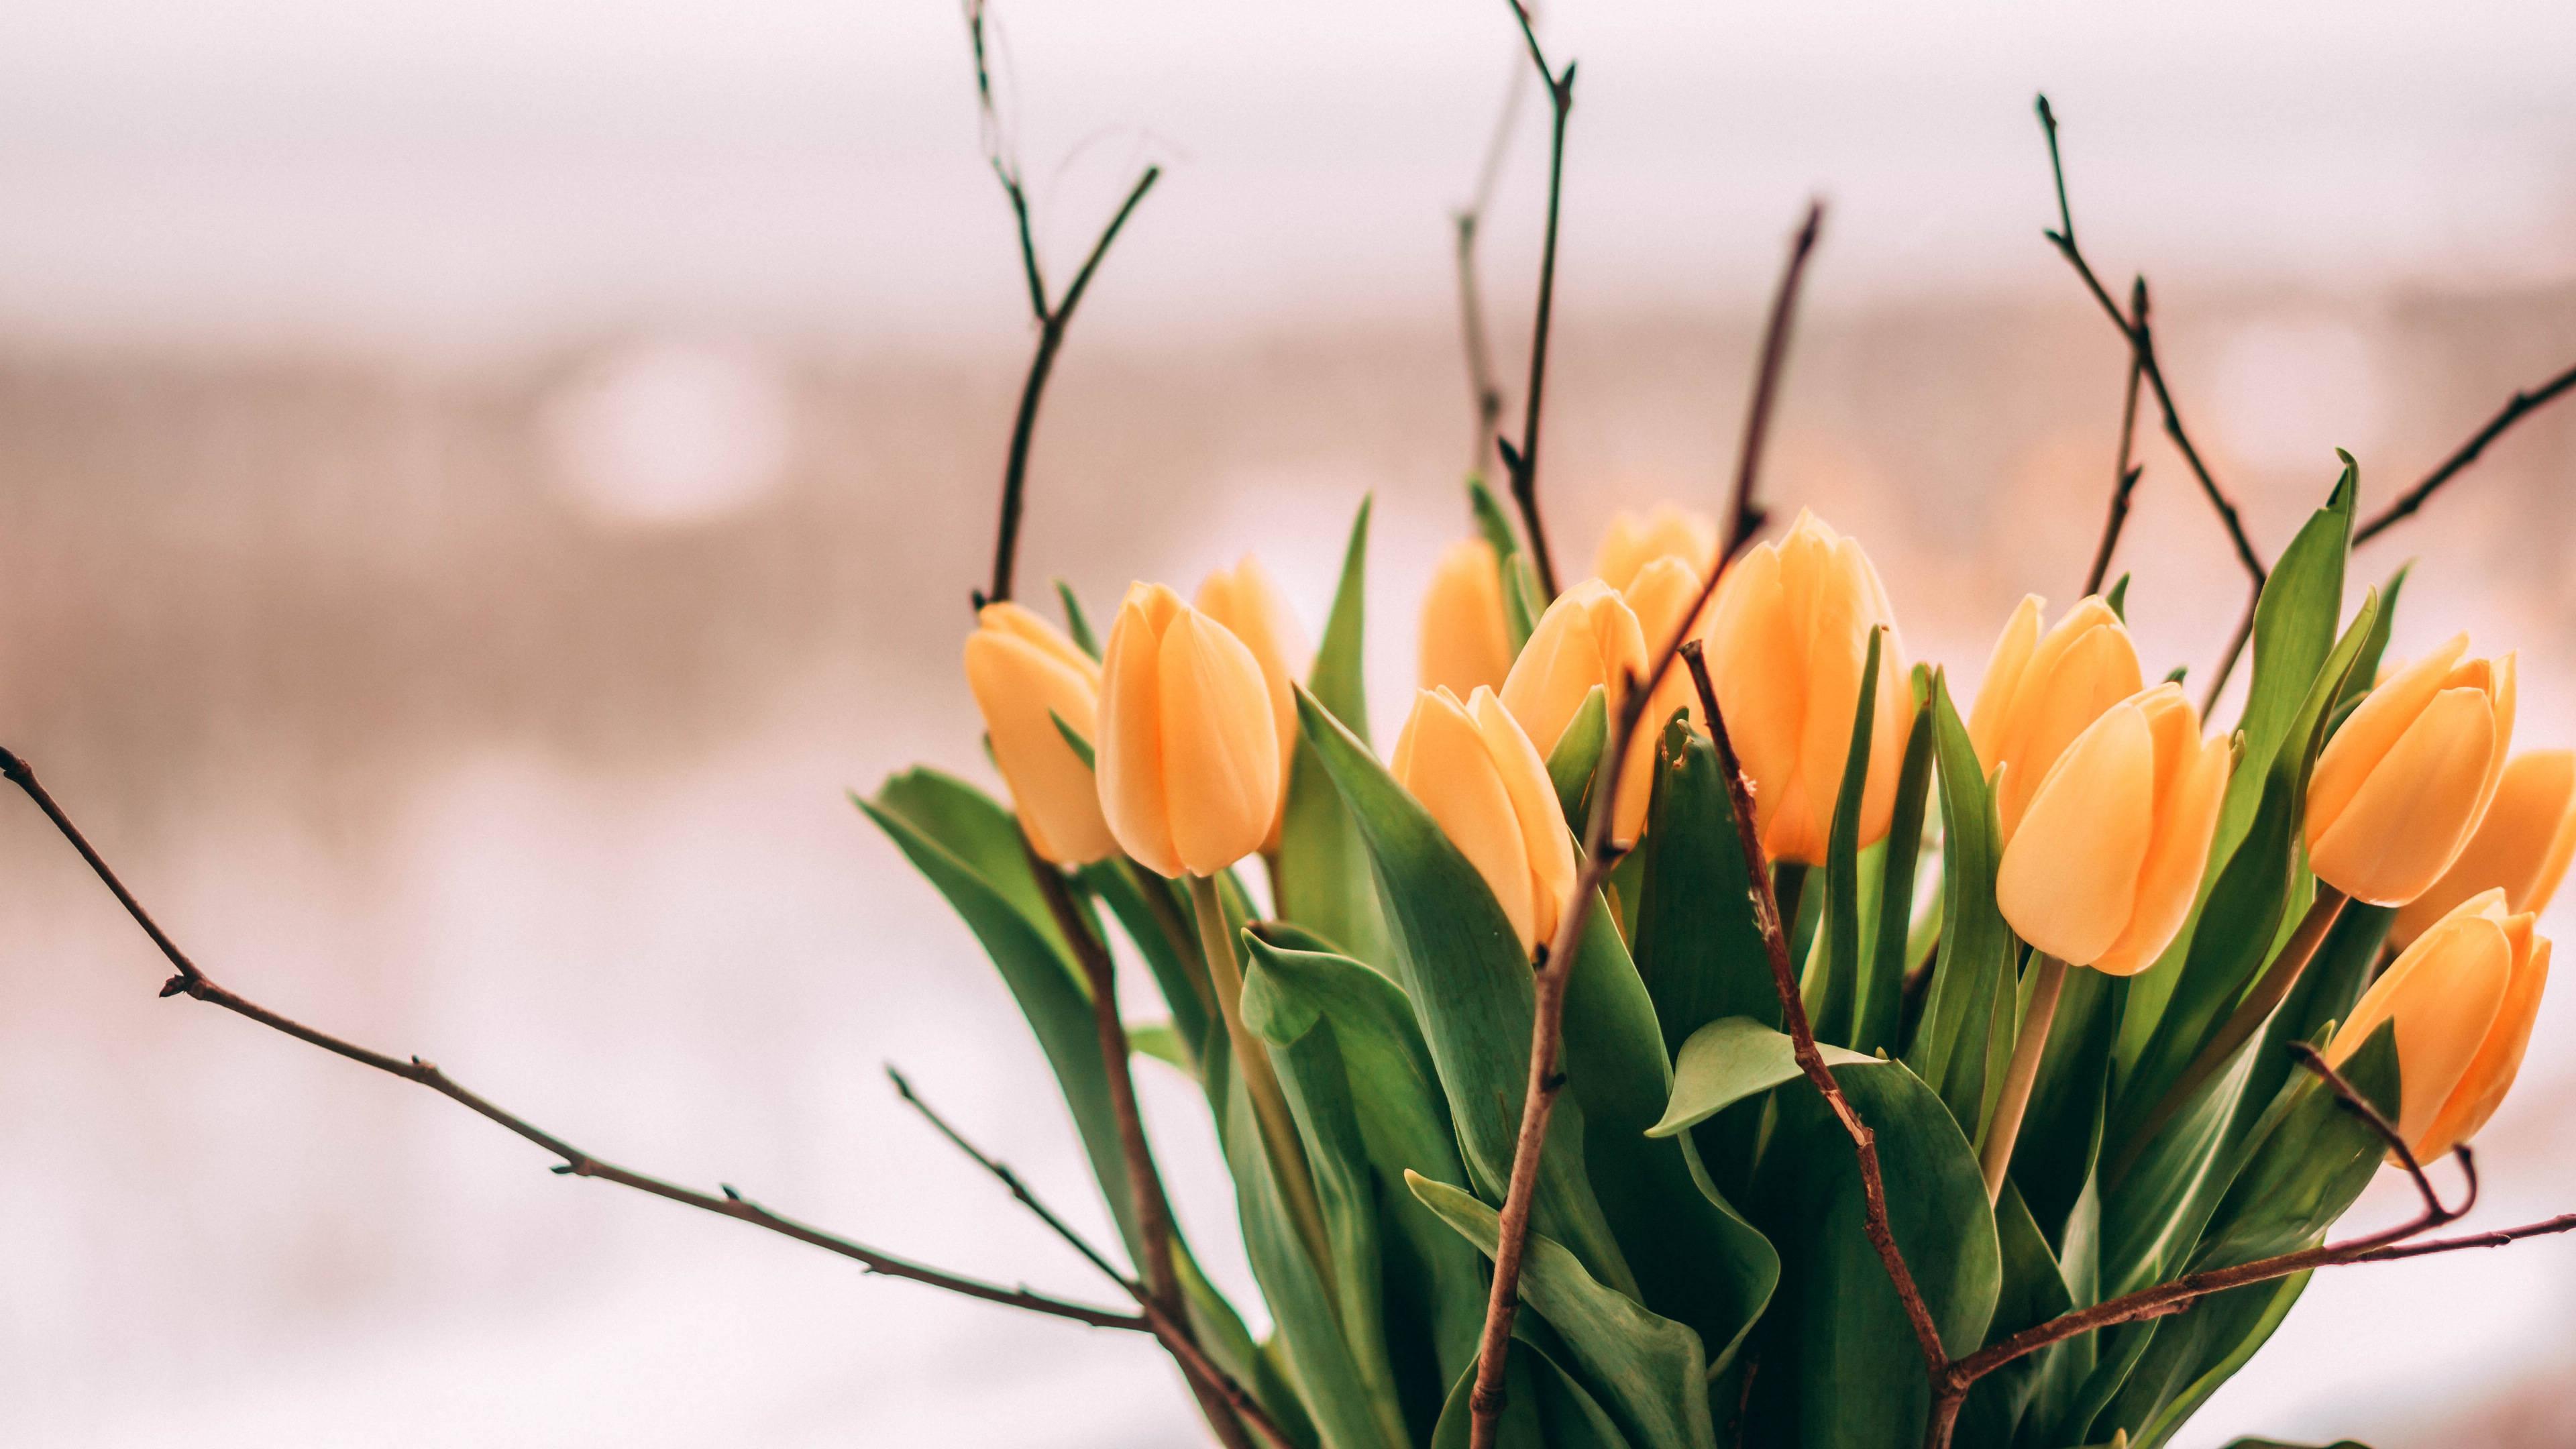 从2月23日开始,运势旺盛,会福星高照,鹏程似锦的三大生肖